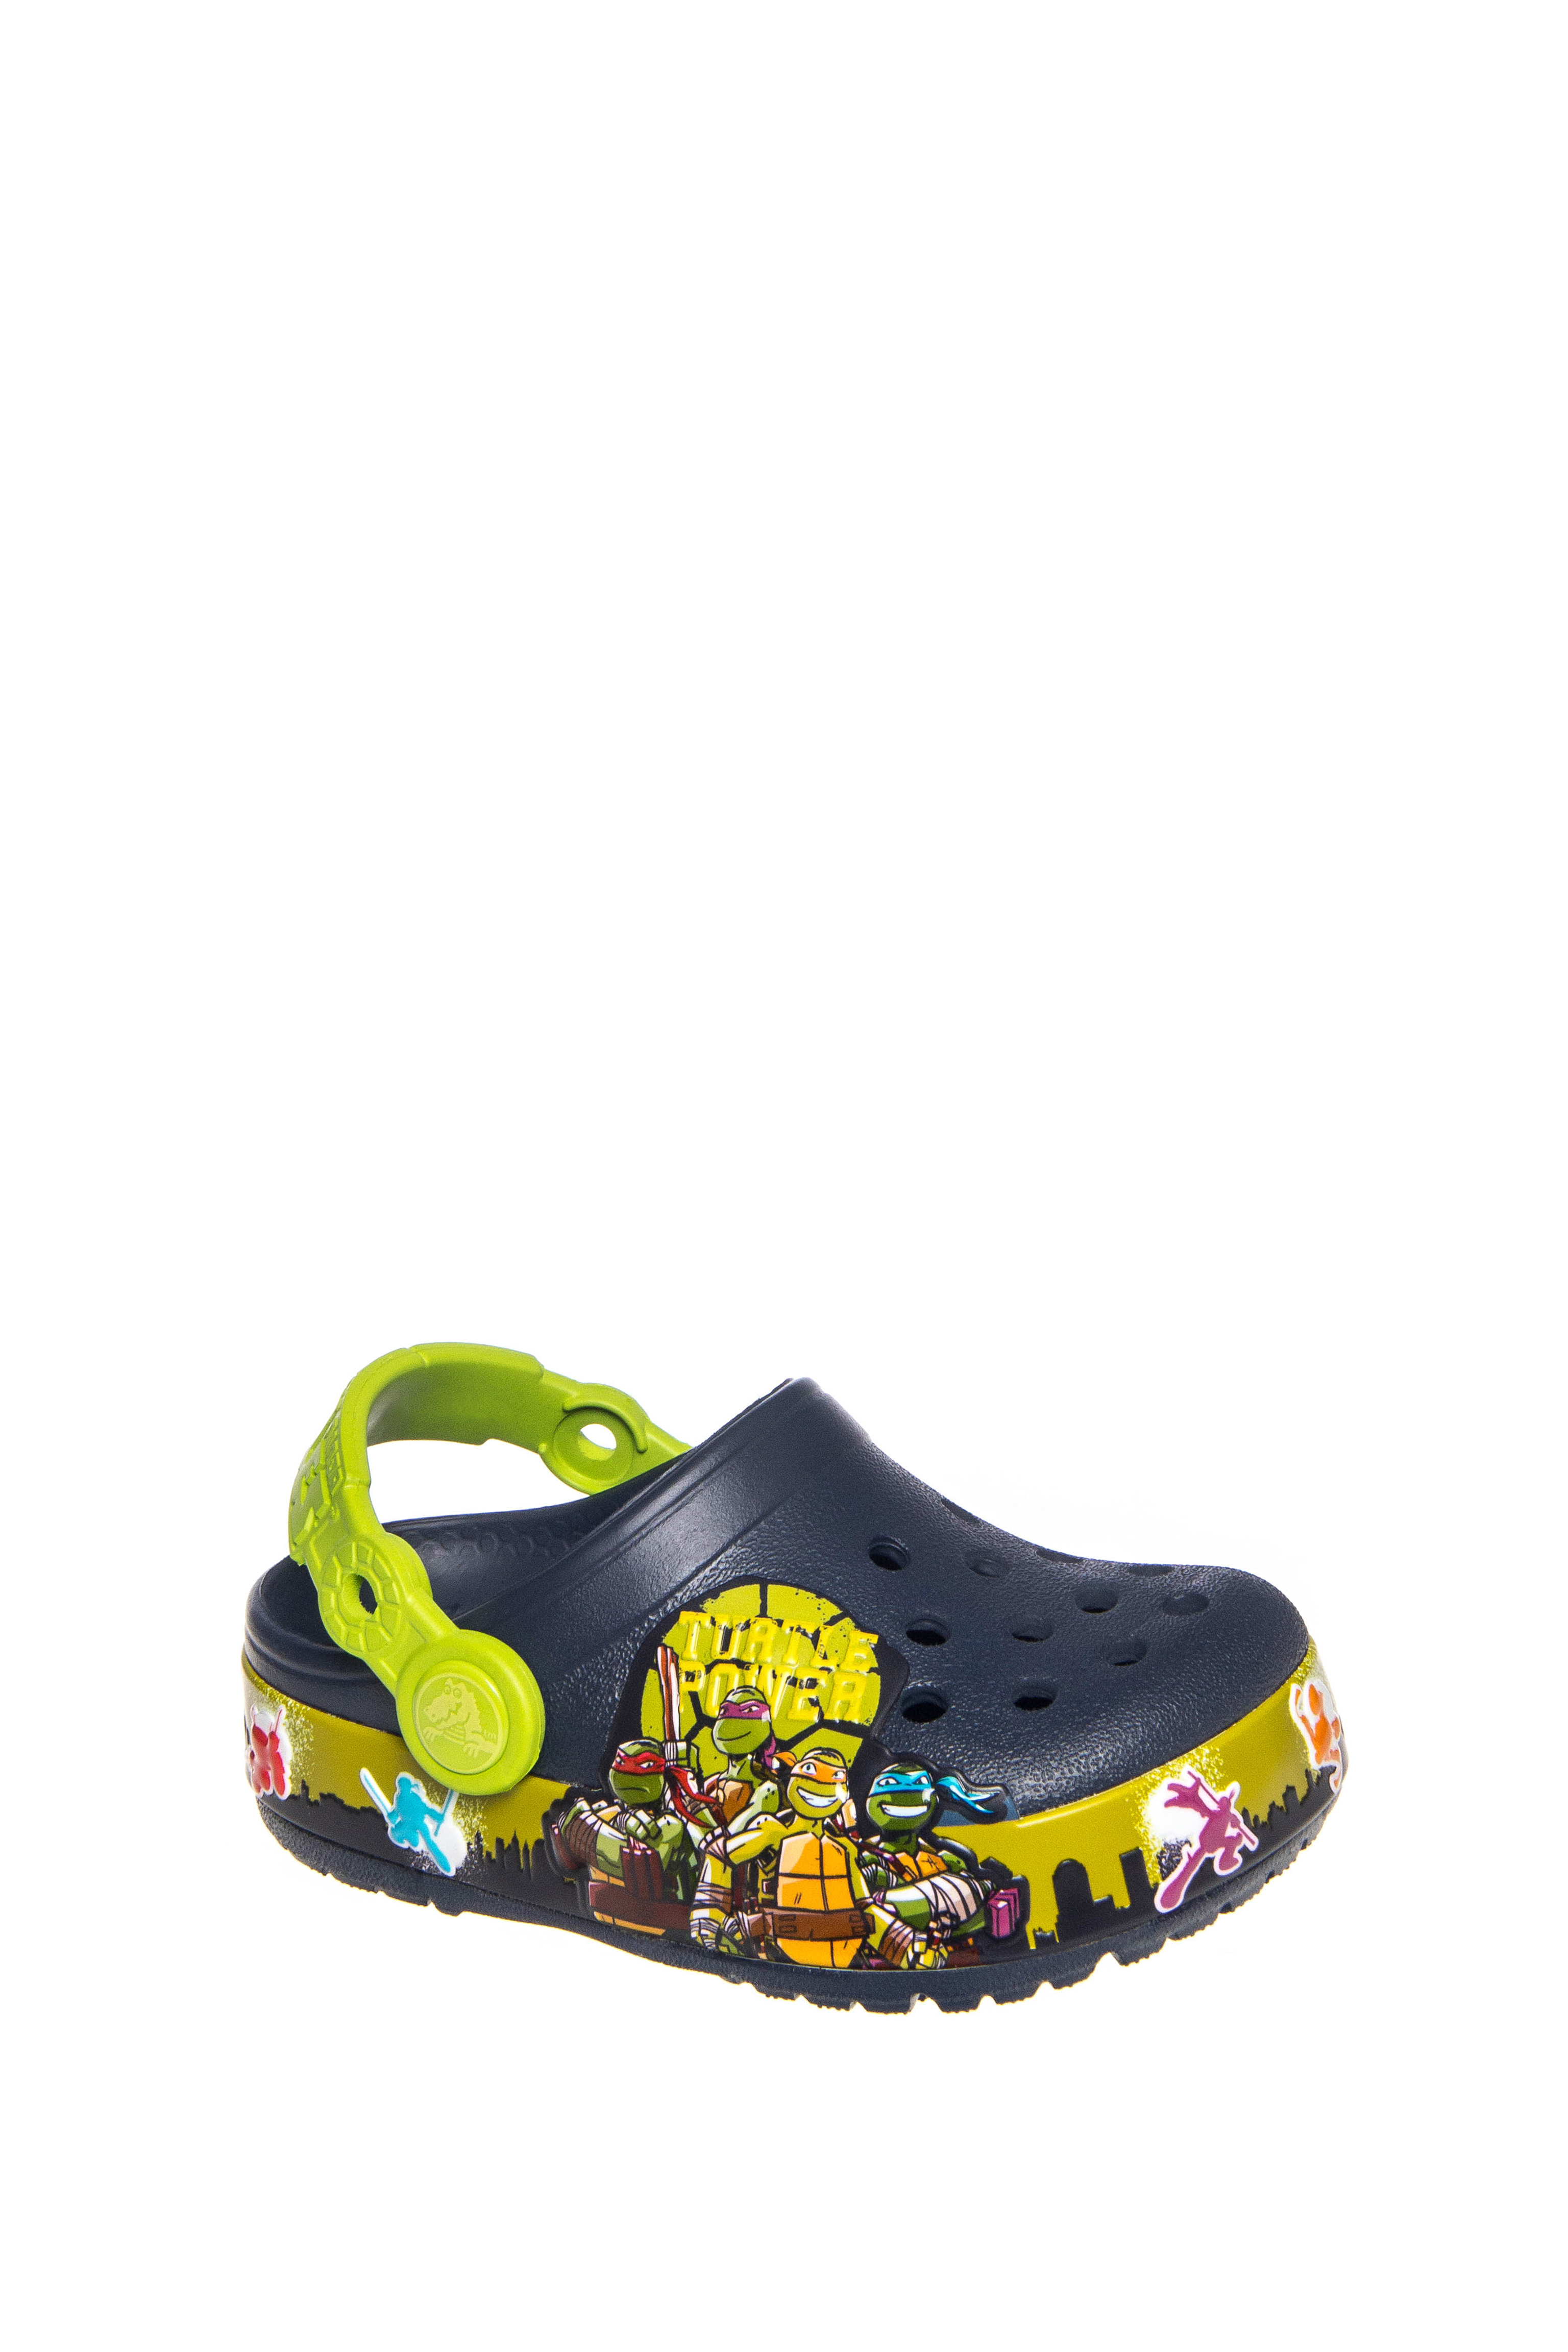 Boy's CrocsLite Teenage Mutant Ninja Turtles Clog